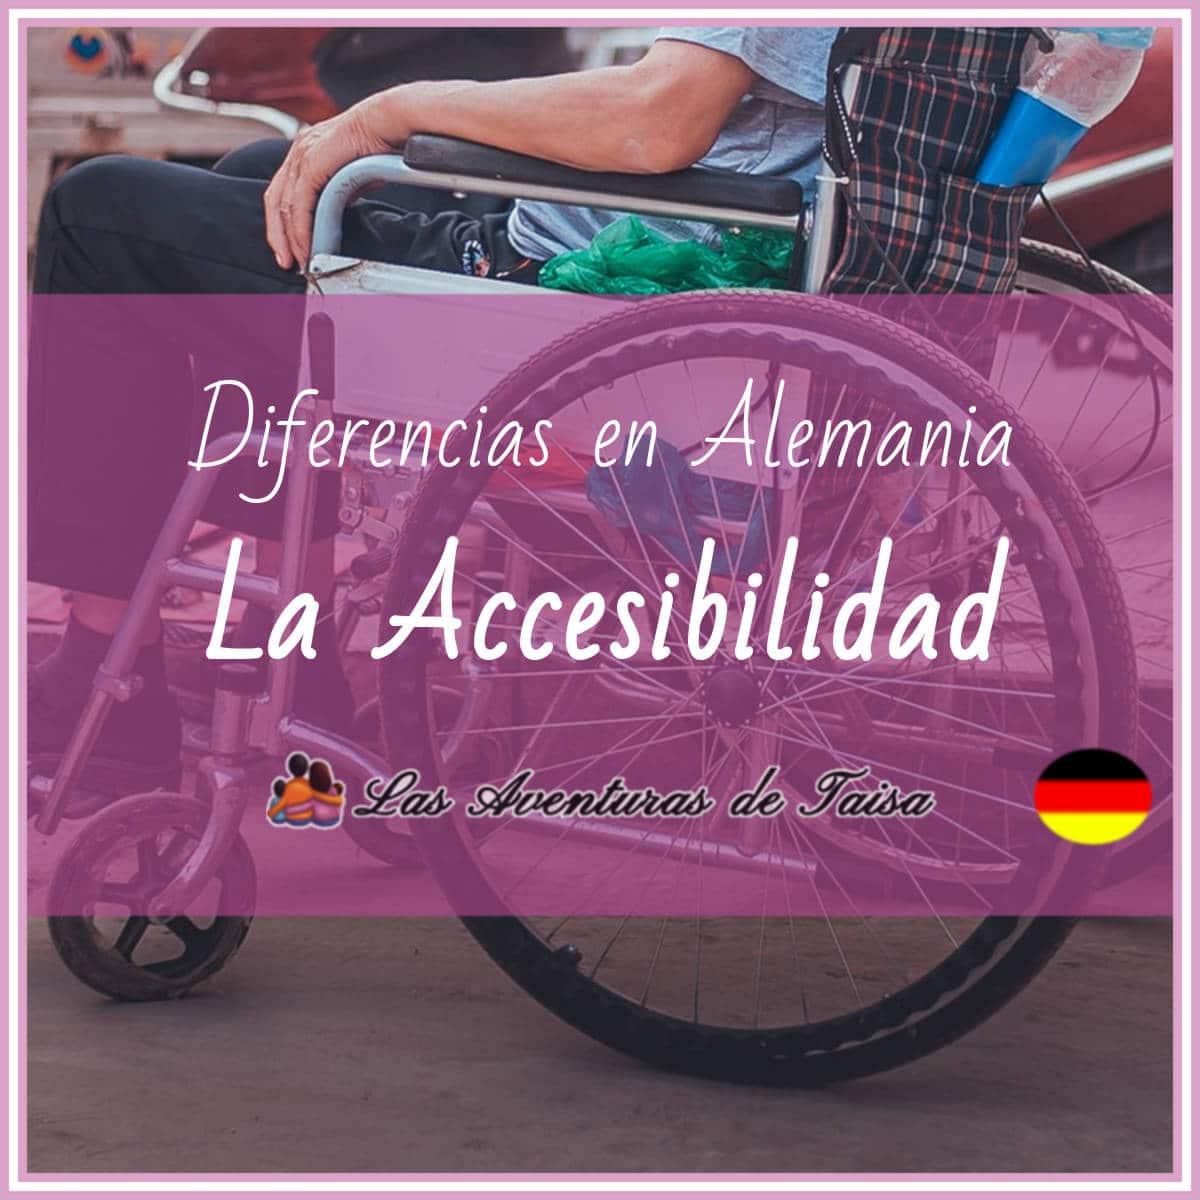 Accesibilidad en Alemania, Escaleras y Ascensores (Diferencia Nº 1)